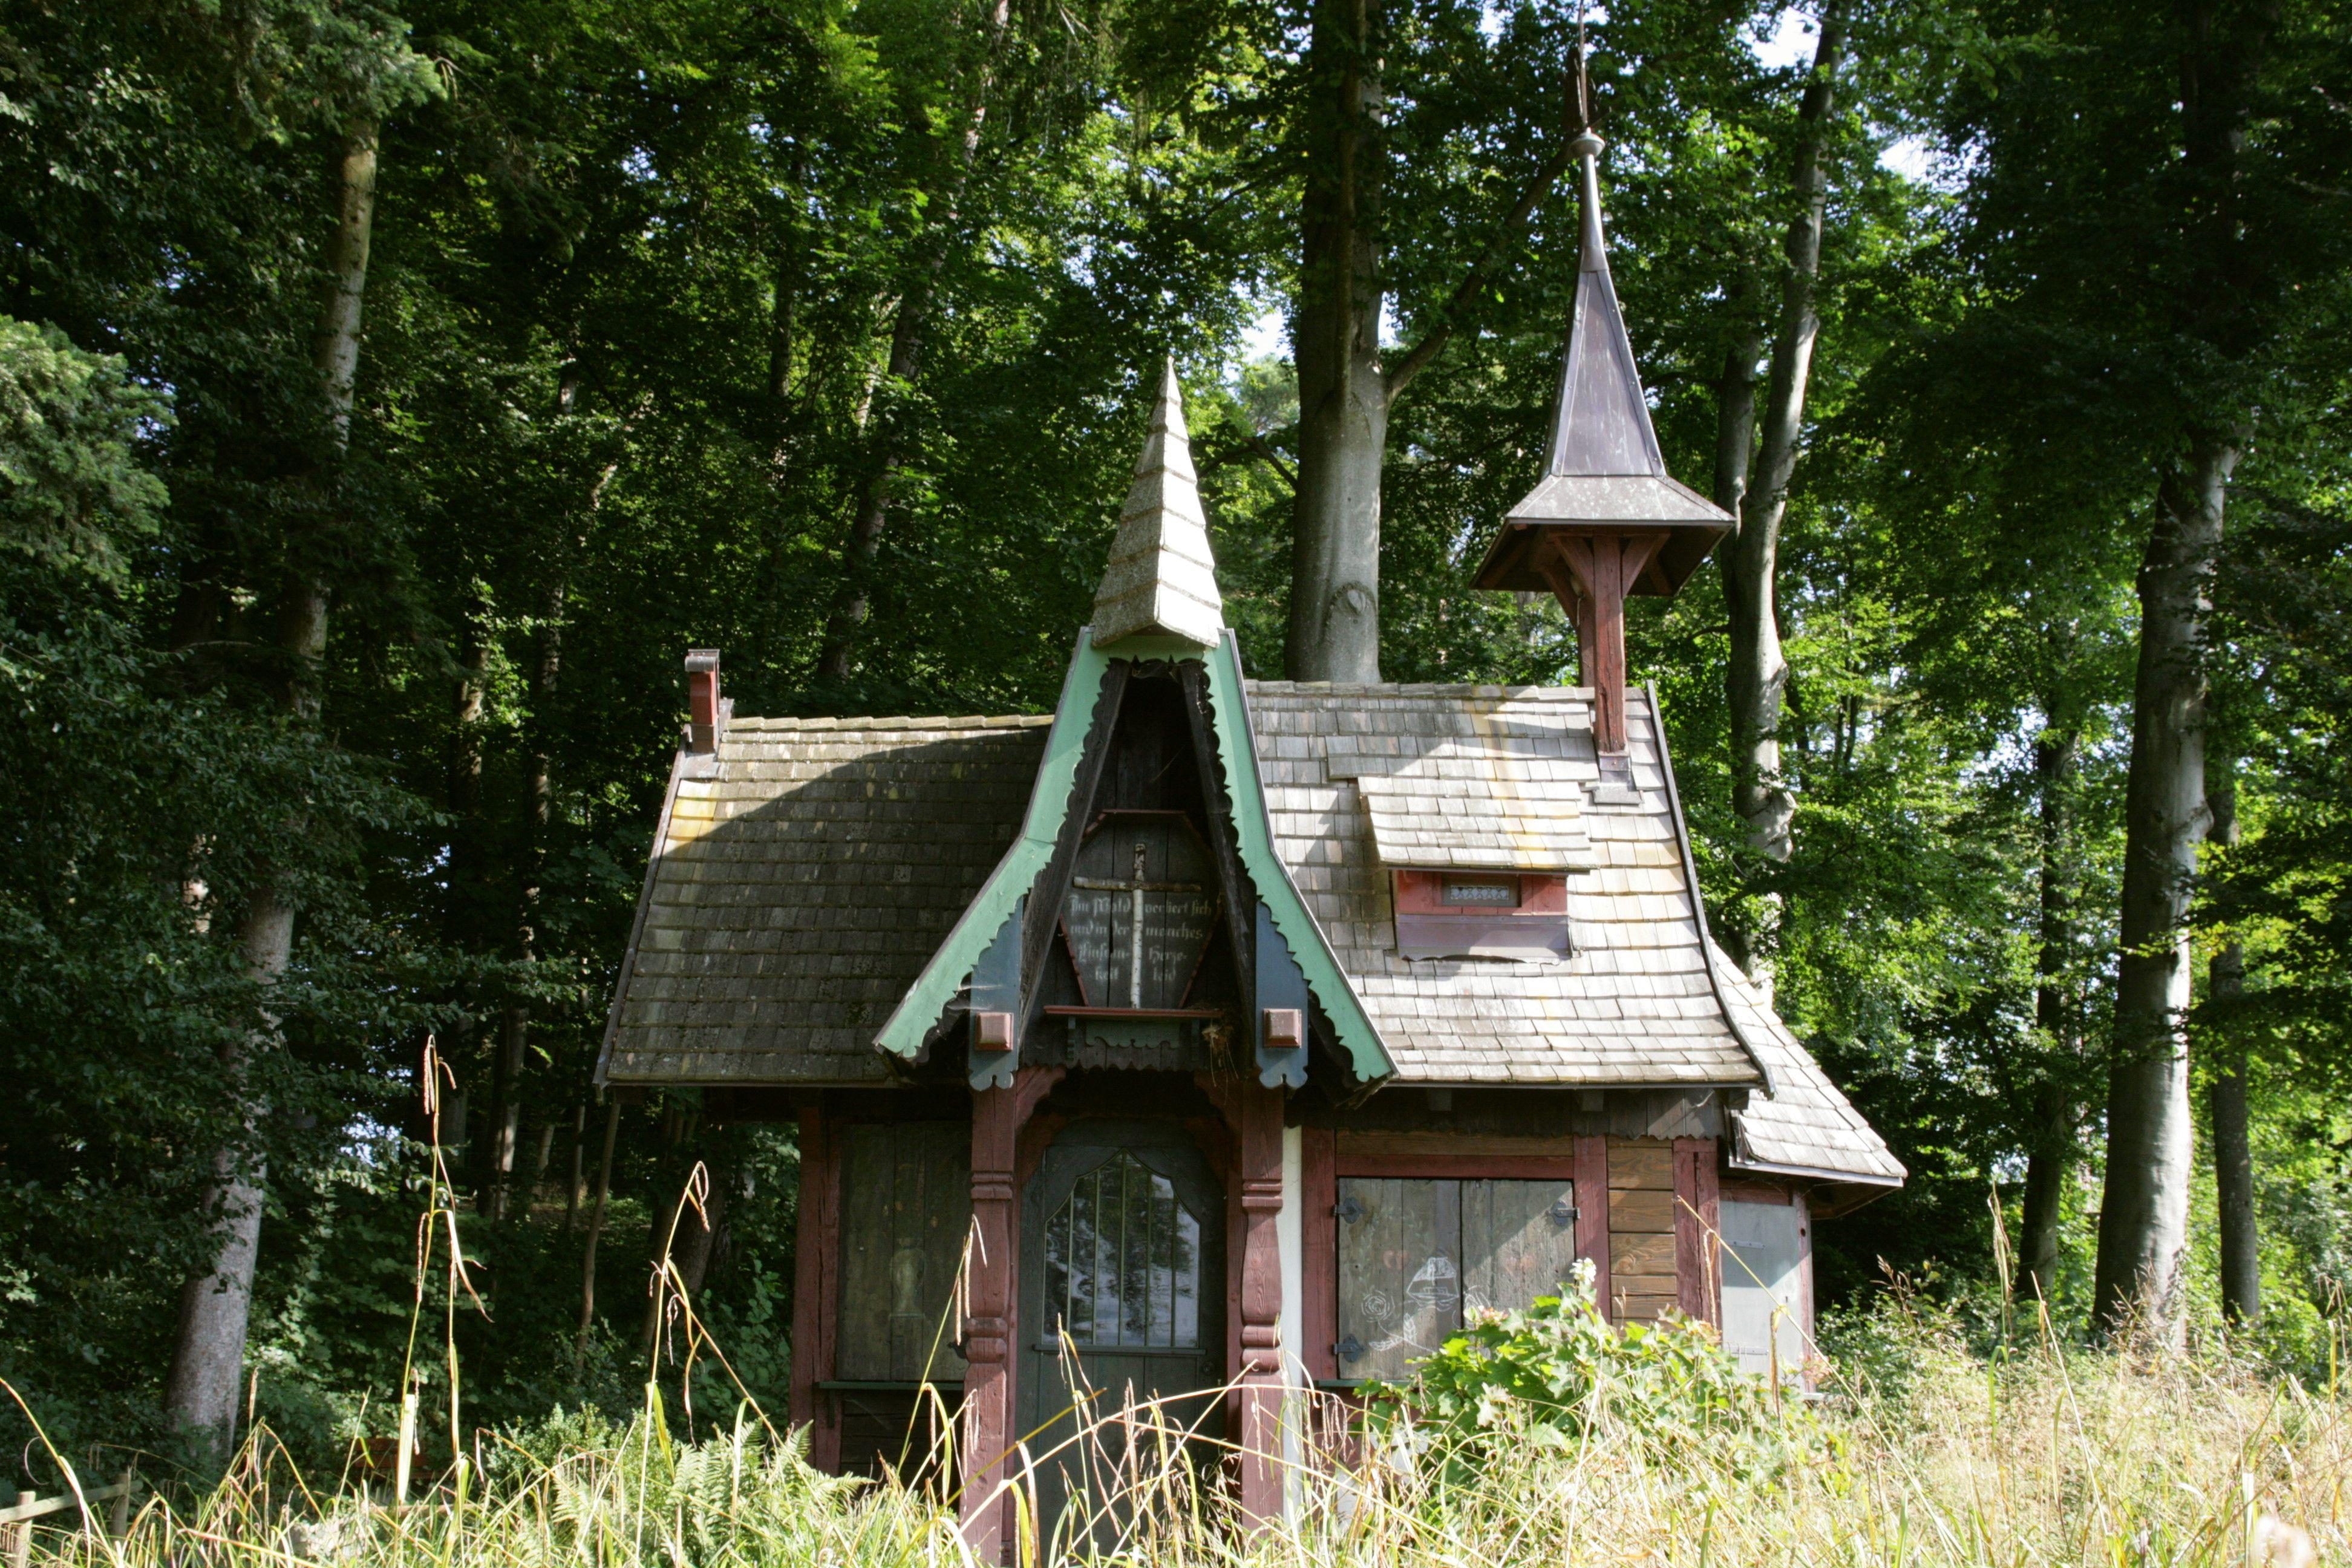 Hexenhaus hexenhaus hexenhaus haus und hexen - Hexen gartenhaus ...